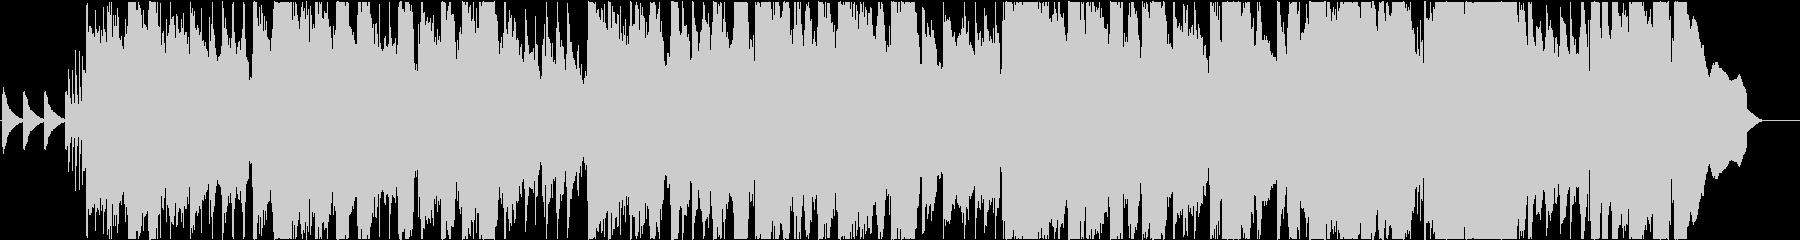 90年代JーPOP風BGM/エレキギターの未再生の波形